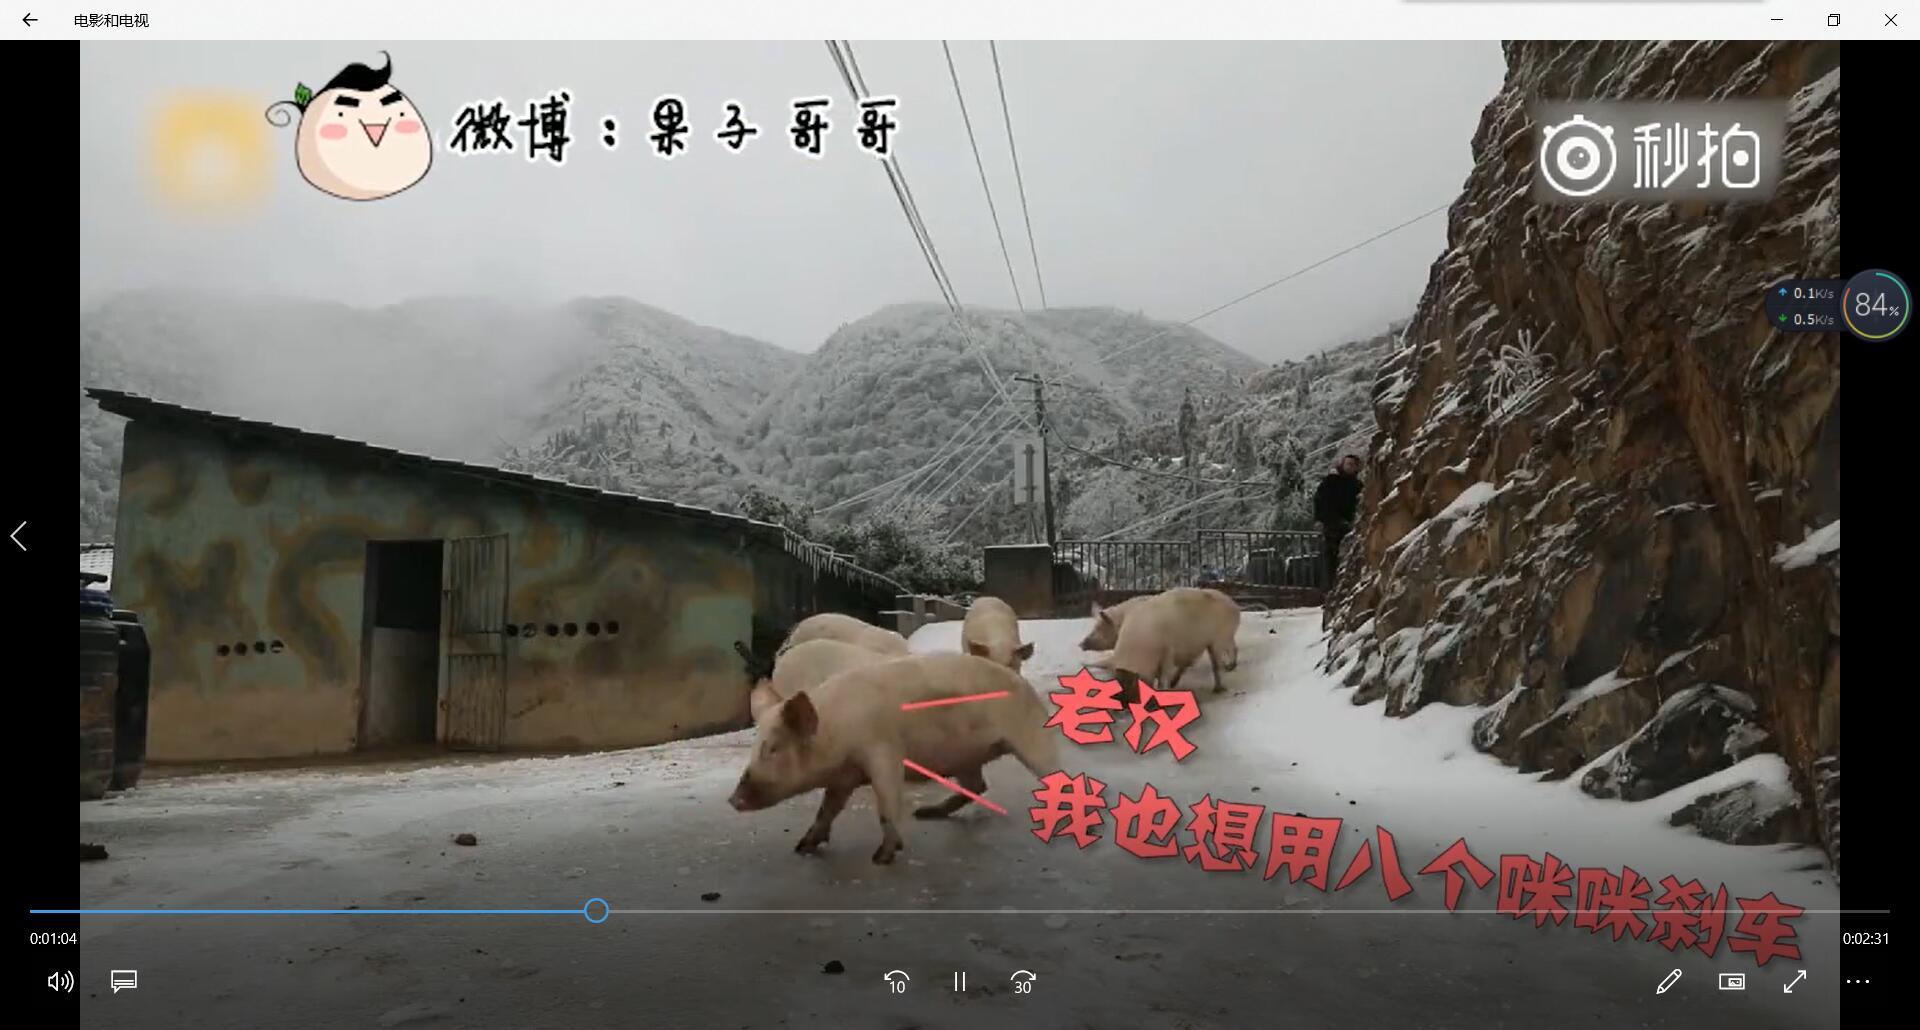 重庆话版小猪佩奇之过年,这配音绝了,笑得停不下来